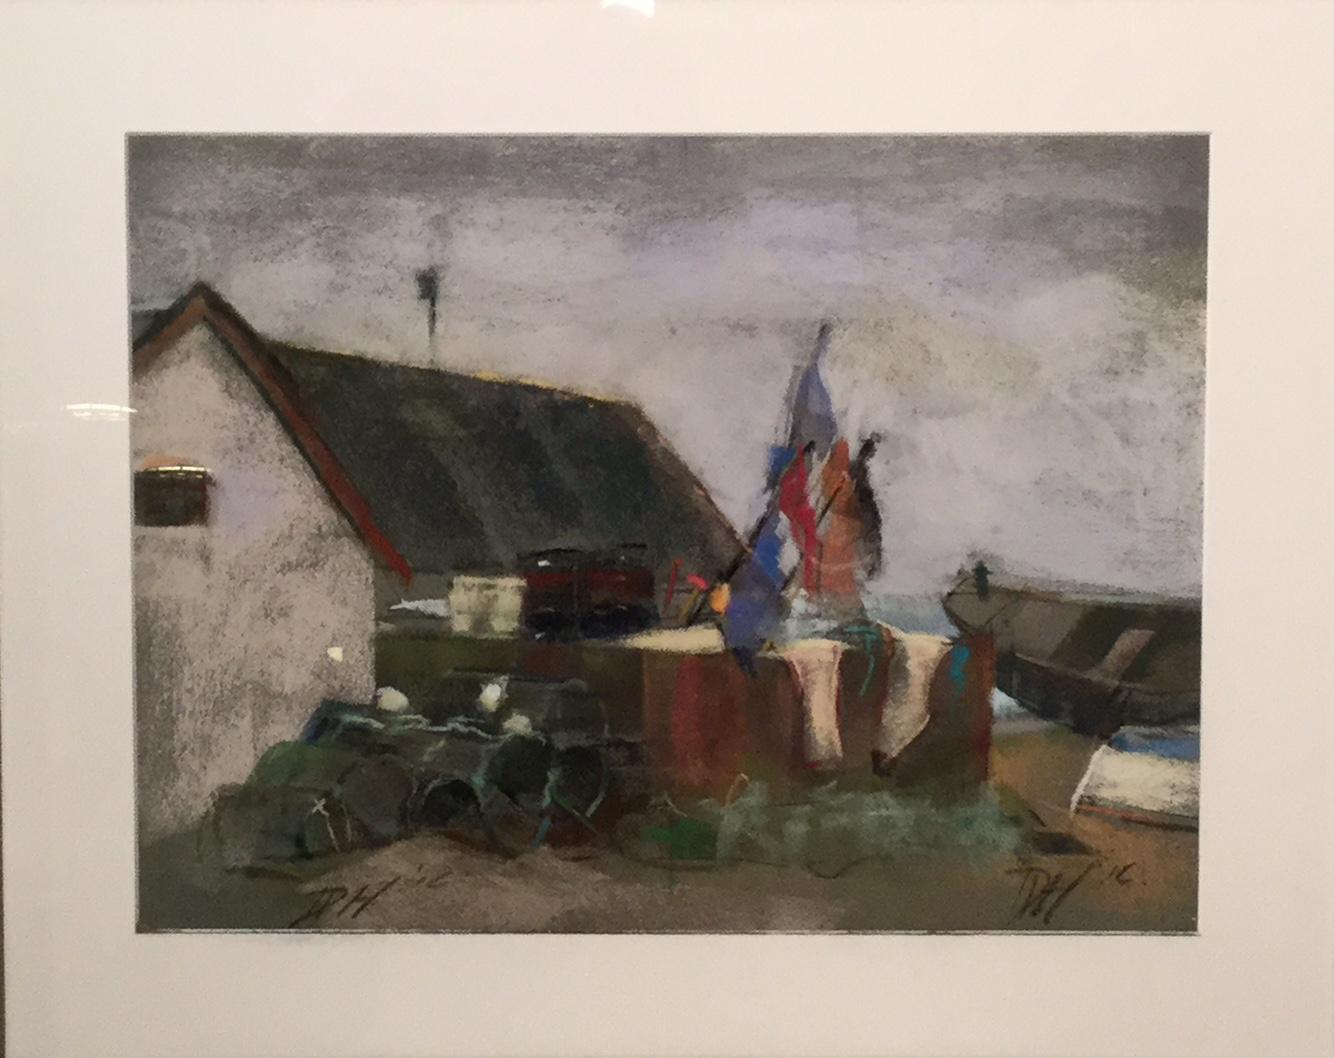 Fiskerhus og både, Klitmøller af Deborah Damgaard-Hansen